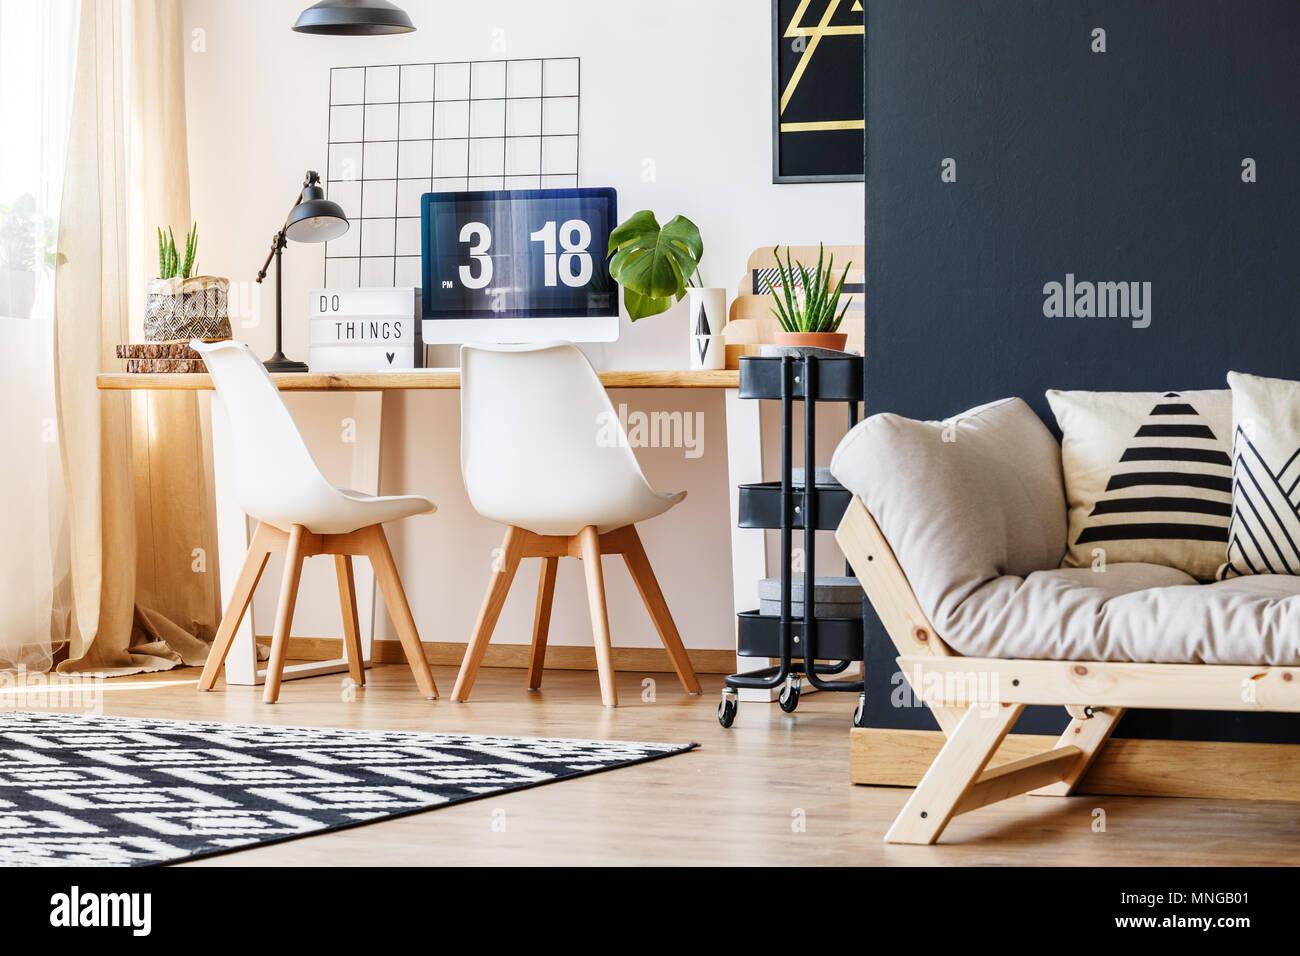 Seite Betrachtungswinkel von trendigen, open space Interieur mit modernen nordischen Arbeitsbereich mit Schreibtisch, Aloe Pflanze, Computer und gemütliches Wohnzimmer mit Sofa, b Stockbild